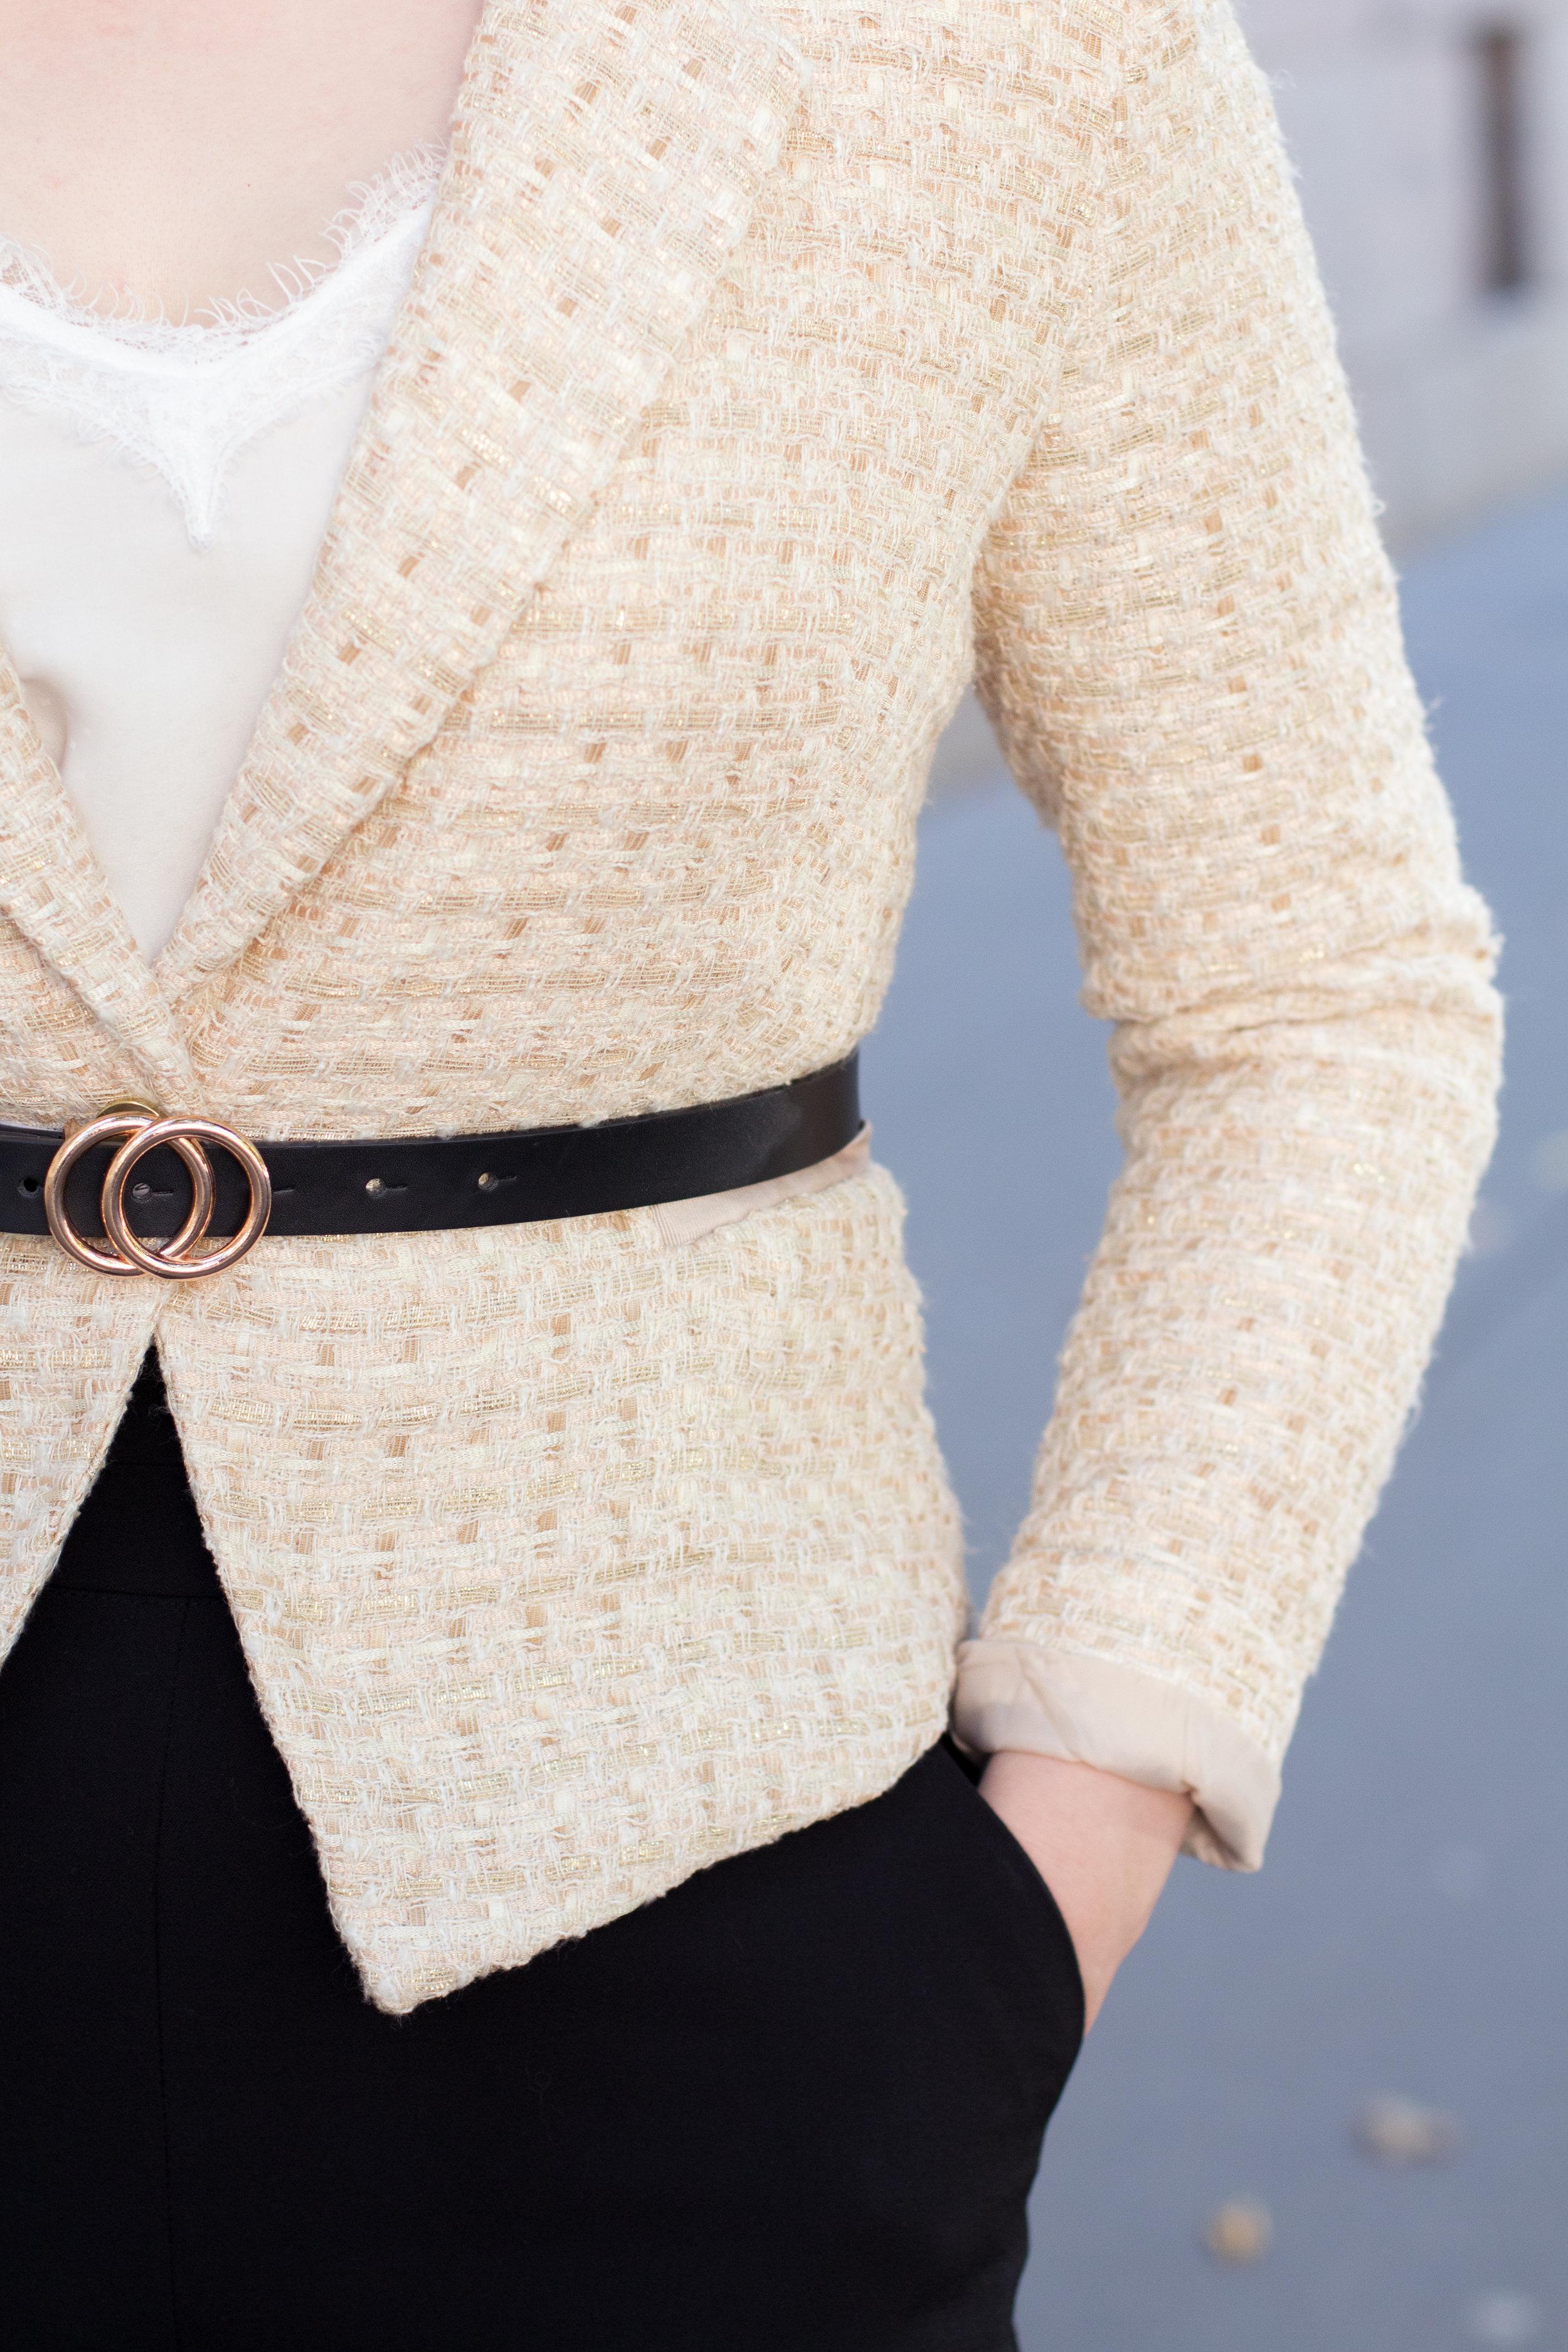 Chanel blazer (31 of 31).jpg